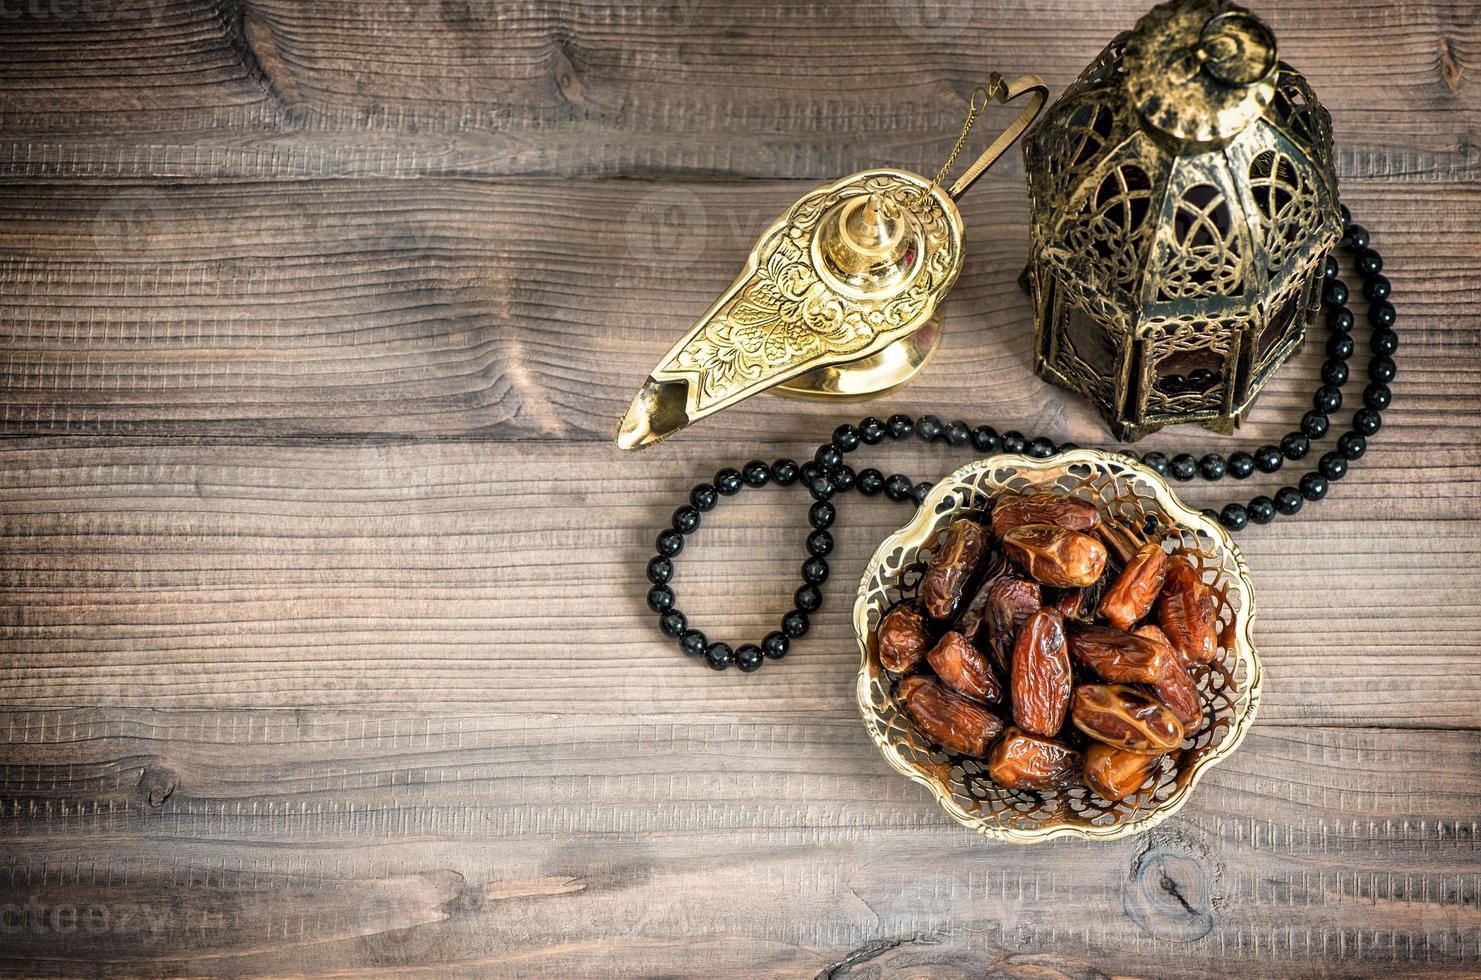 lampada ramadan, rosario e date su fondo in legno foto